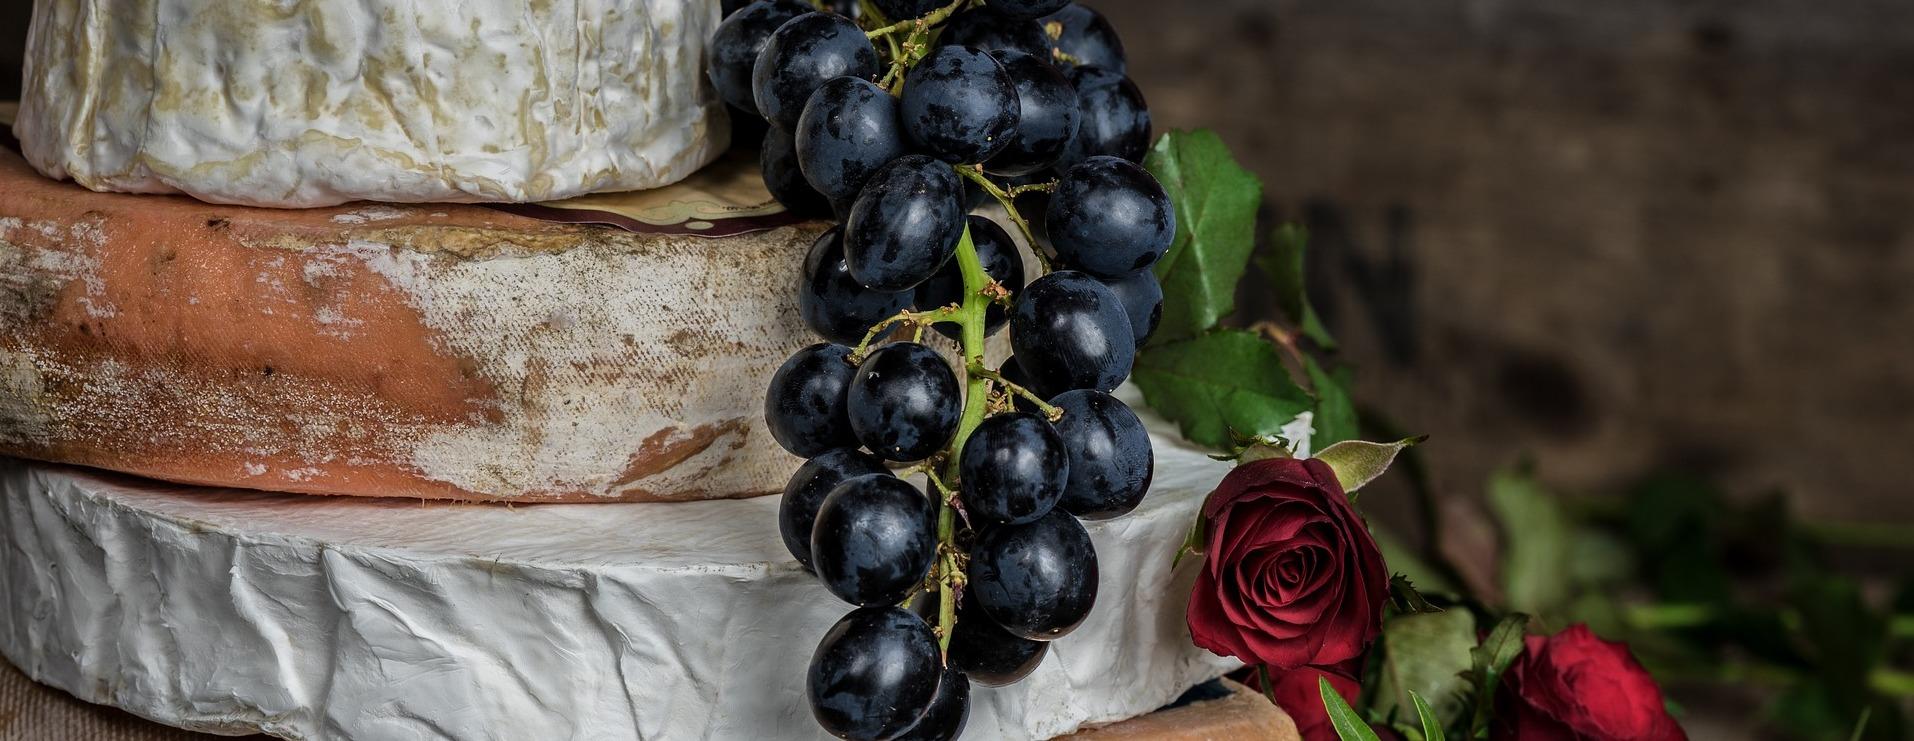 В мире стали чаще подделывать еду под брендом «Сделано в Италии»